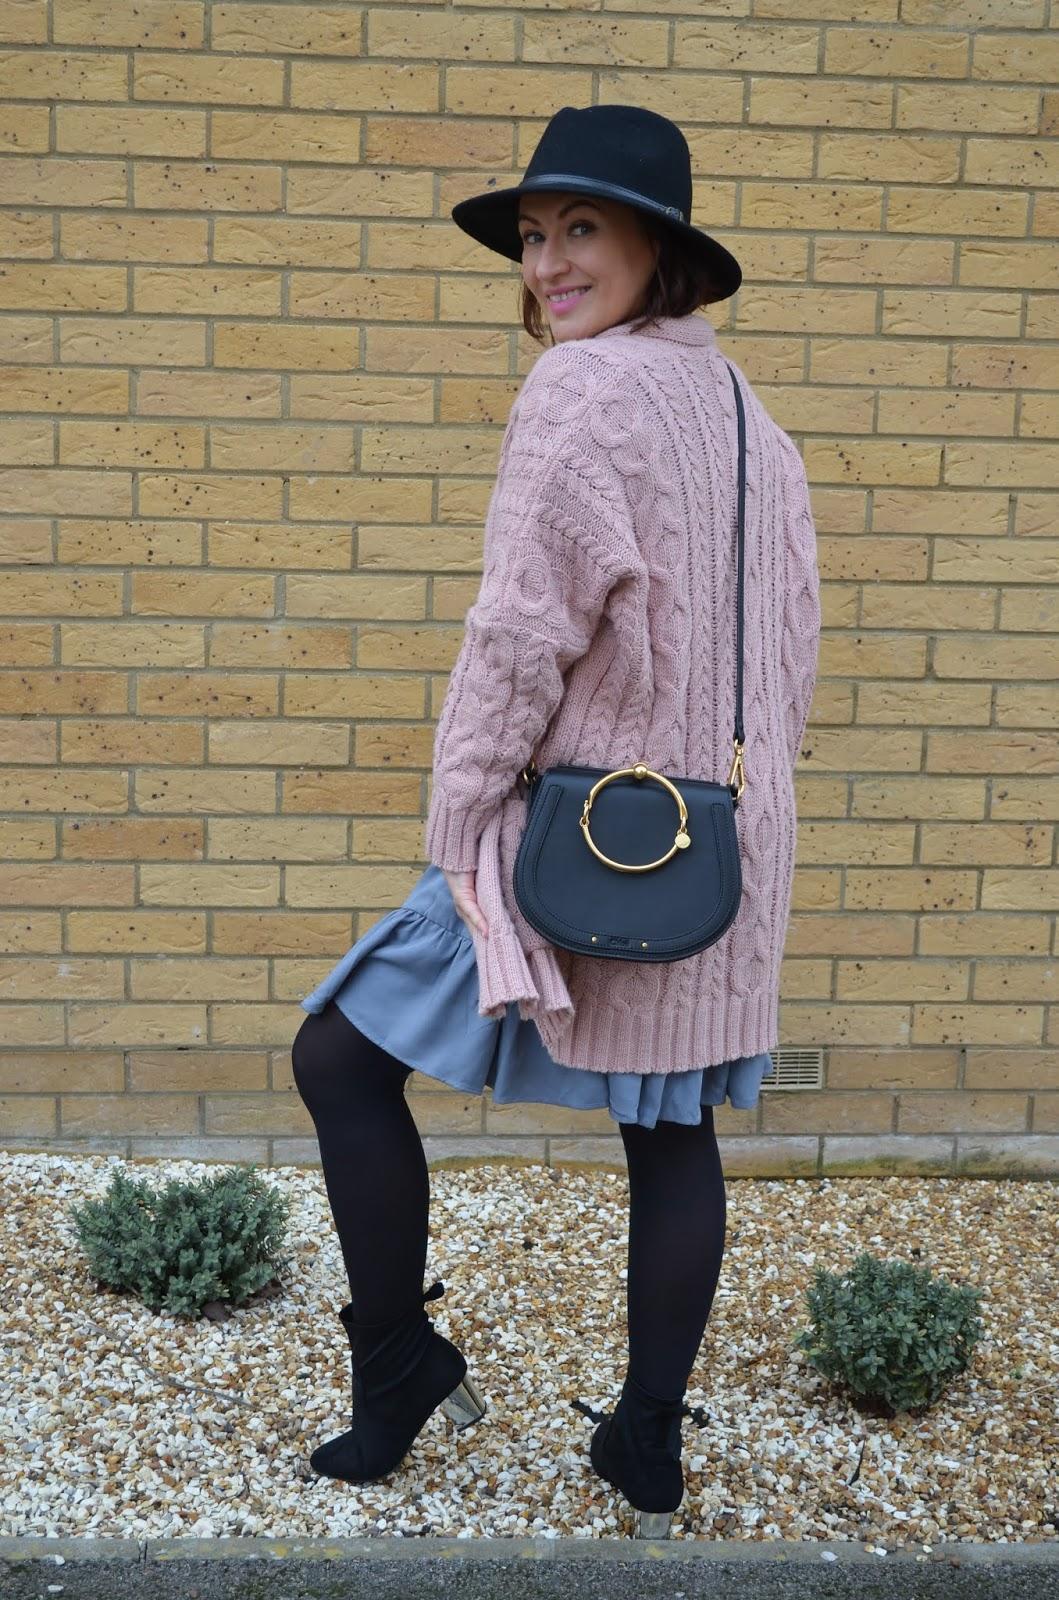 Adriana Style Blog, Blog modowy, bonprix dress, Casual Dust Blue Dress, Chloe Nile Bag, Fashion, Niebieska Sukienka, Botki, moda, Shirt Dress, Sukienka bonprix, Sukienka na każdą okazję, Boots, Skirt Dress